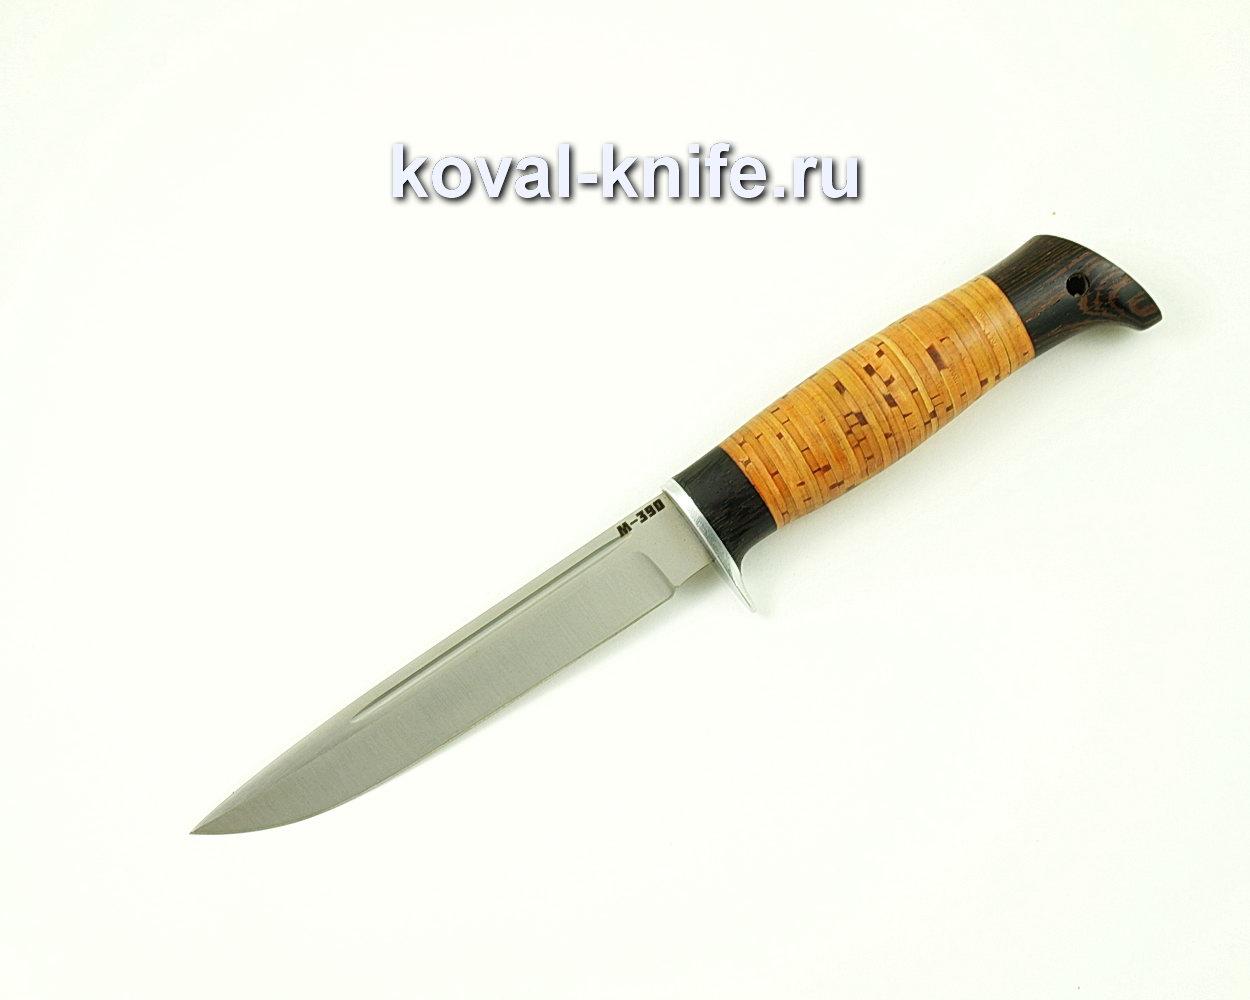 Нож Коготь из порошковой стали M390 (рукоять берста и граб) A392